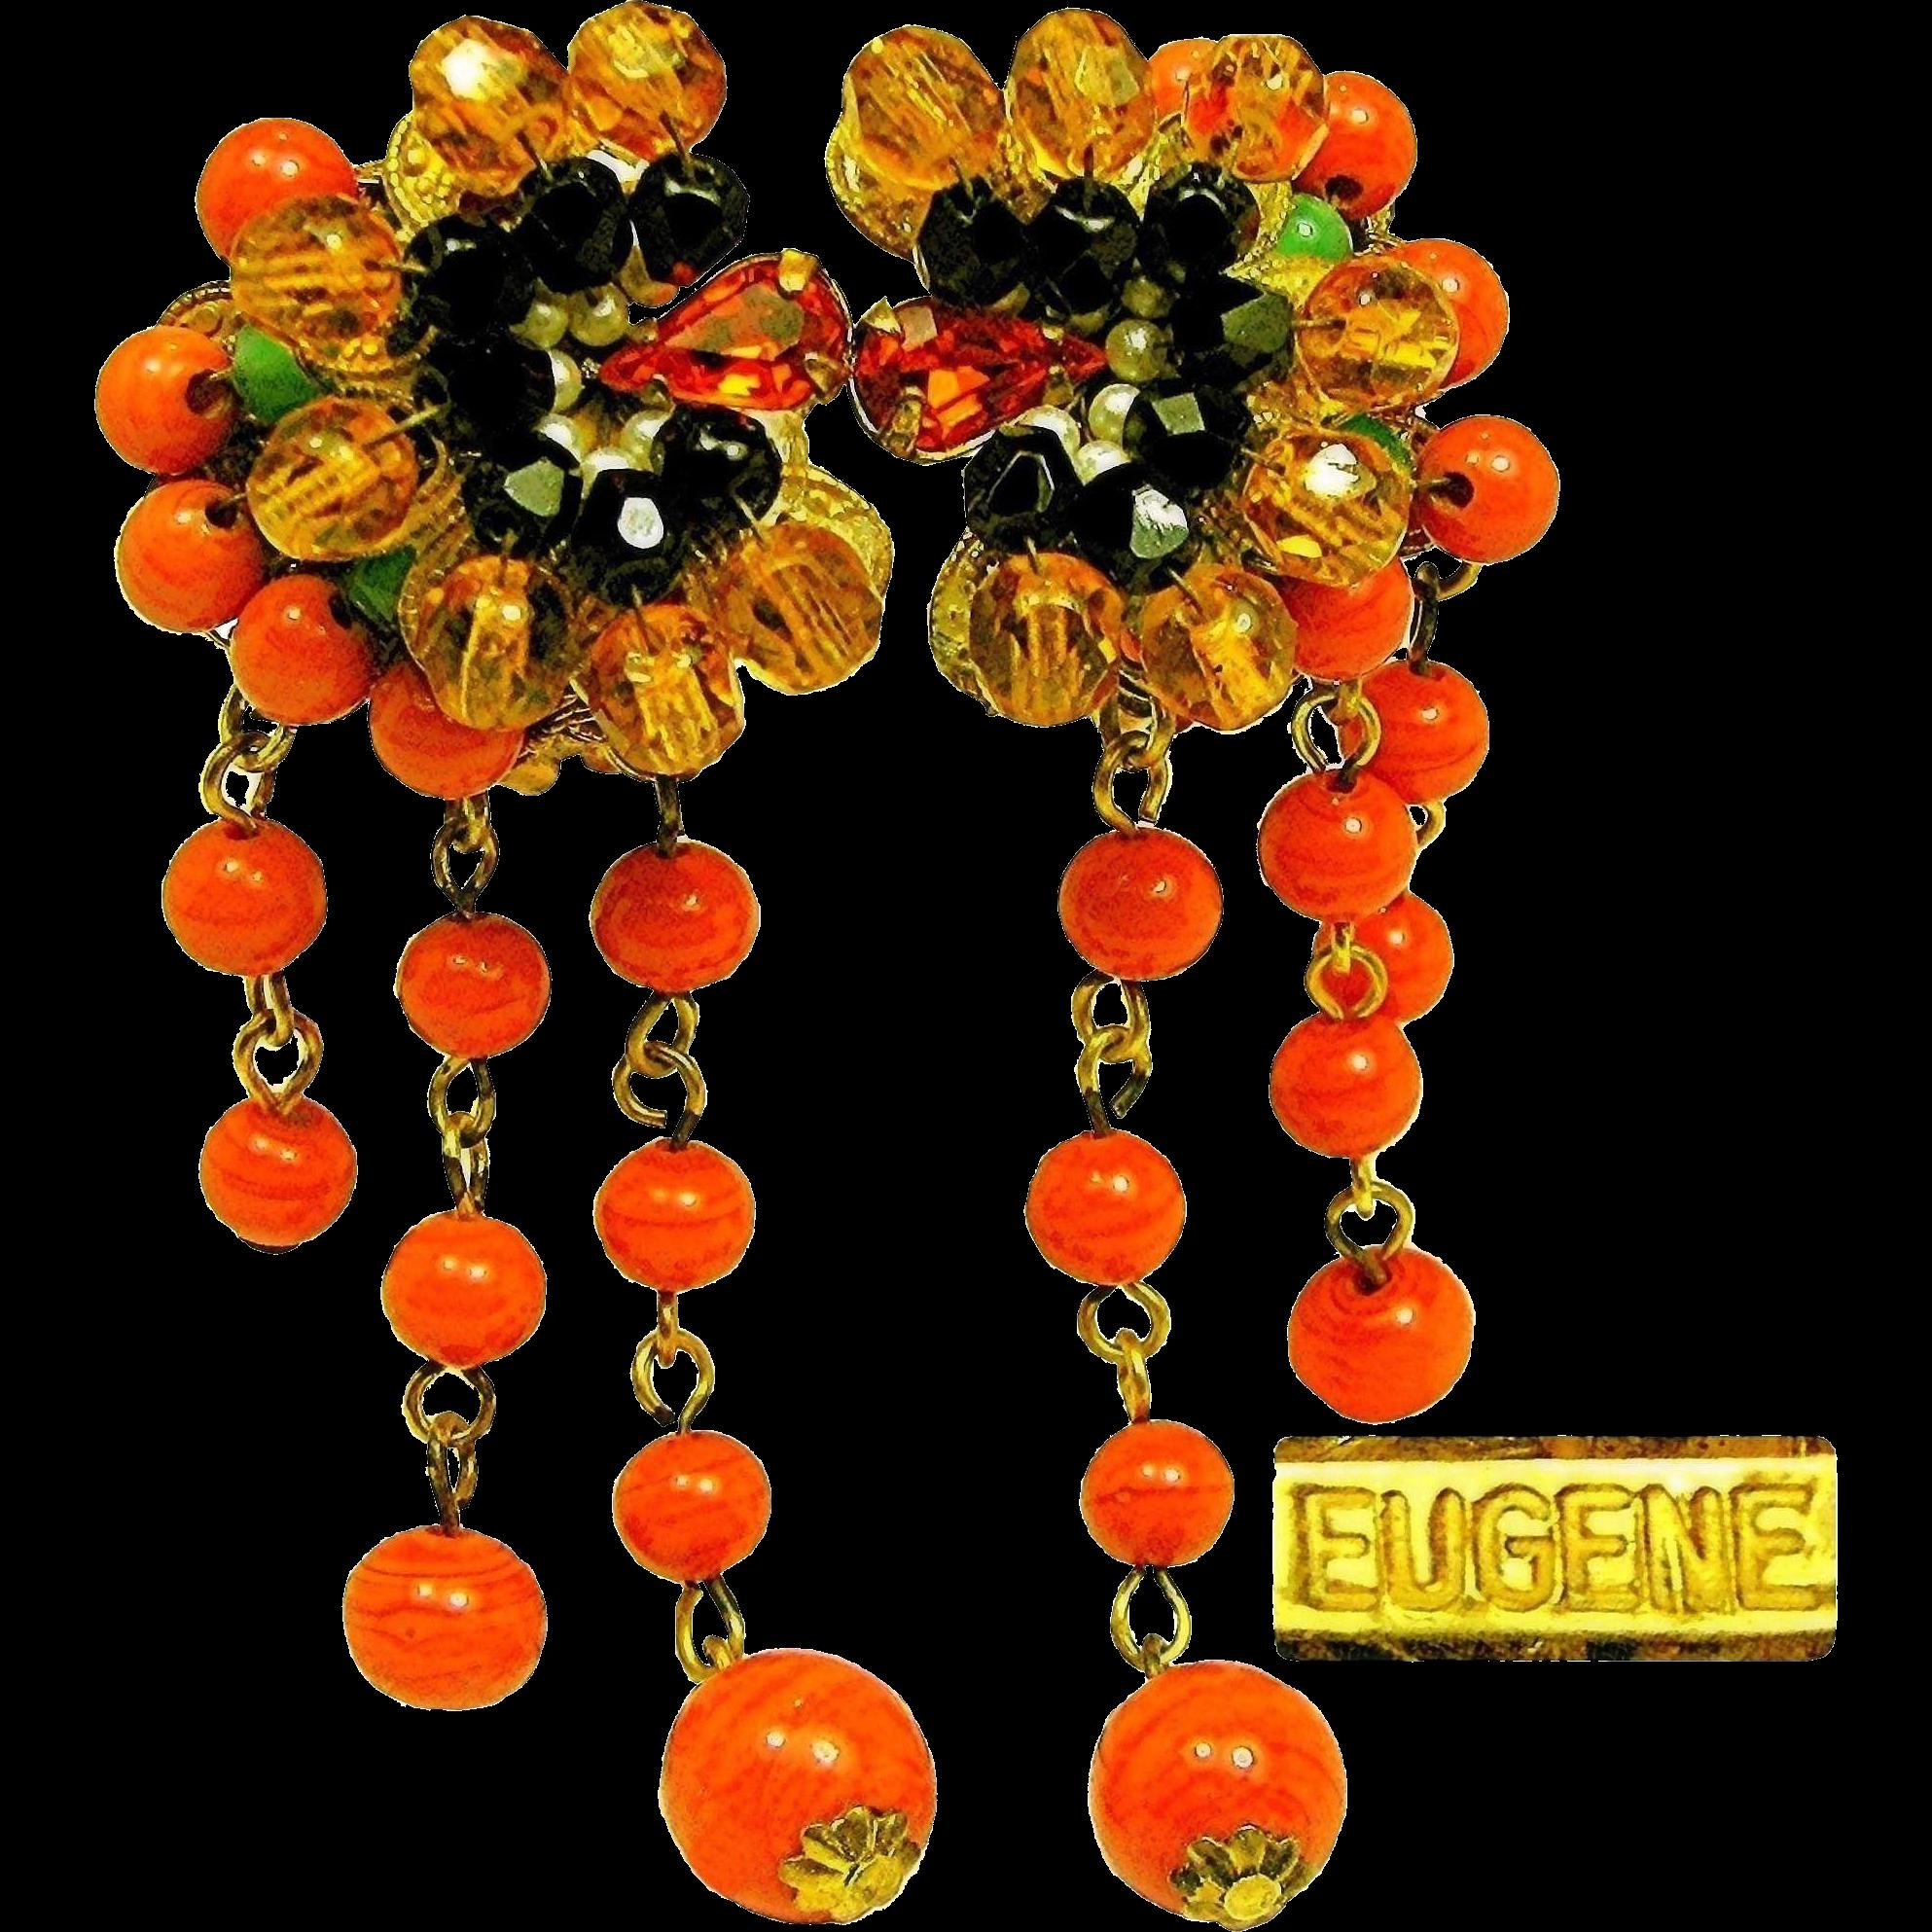 Vintage EUGENE Exotic Art Glass EARRINGS w/Drippy Tendrils c.1950's